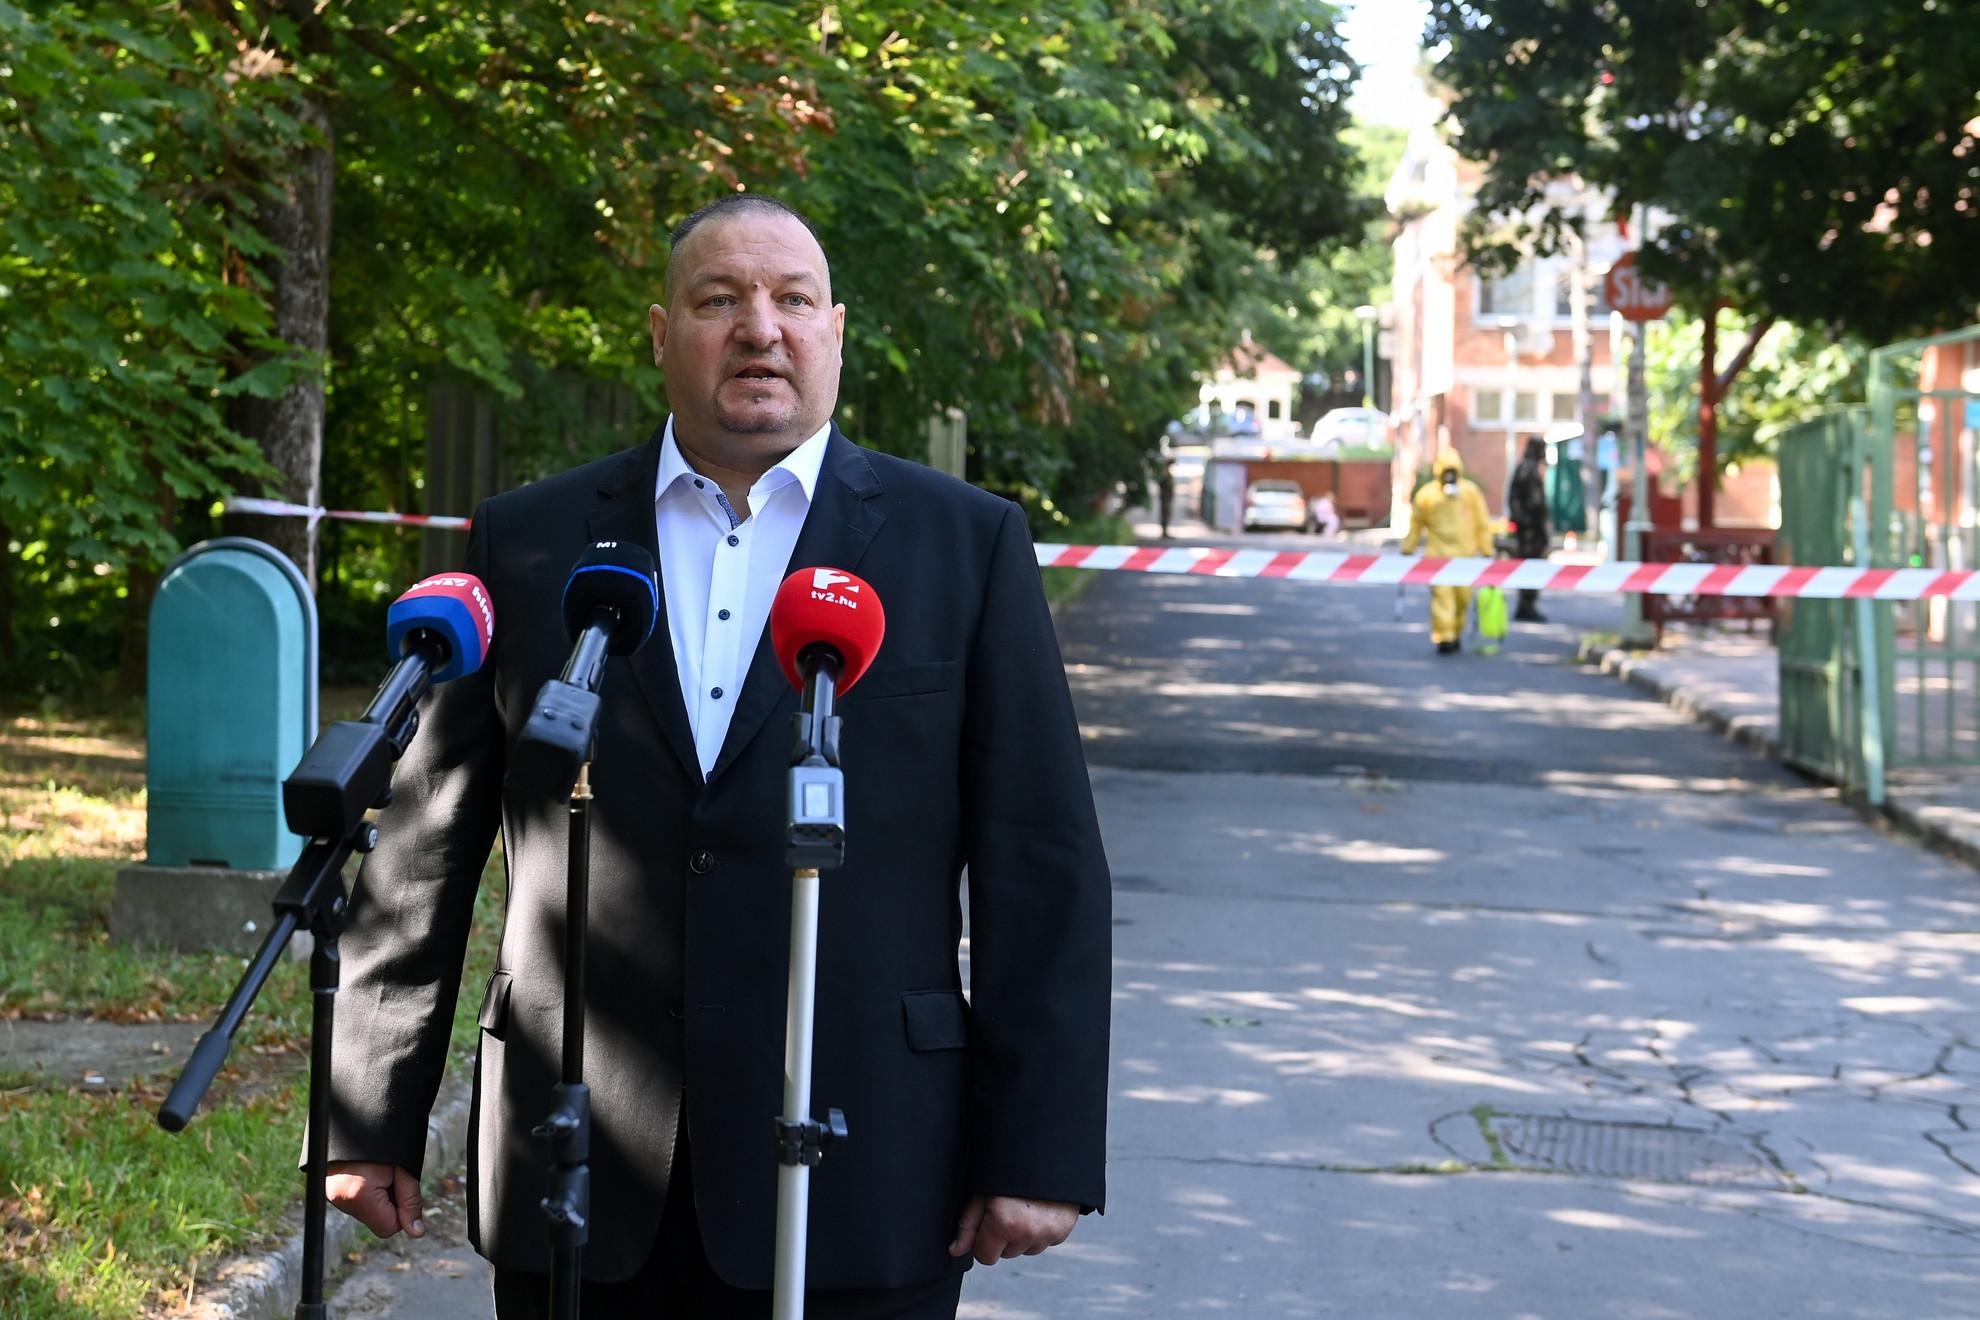 Németh Szilárd, a Honvédelmi Minisztérium parlamenti államtitkára sajtótájékoztatót tart a főváros által fenntartott XVII. kerületi Pesti úti idősotthon előtt 2020. július 20-án, amelyet ismét fertőtlenítenek a katonák